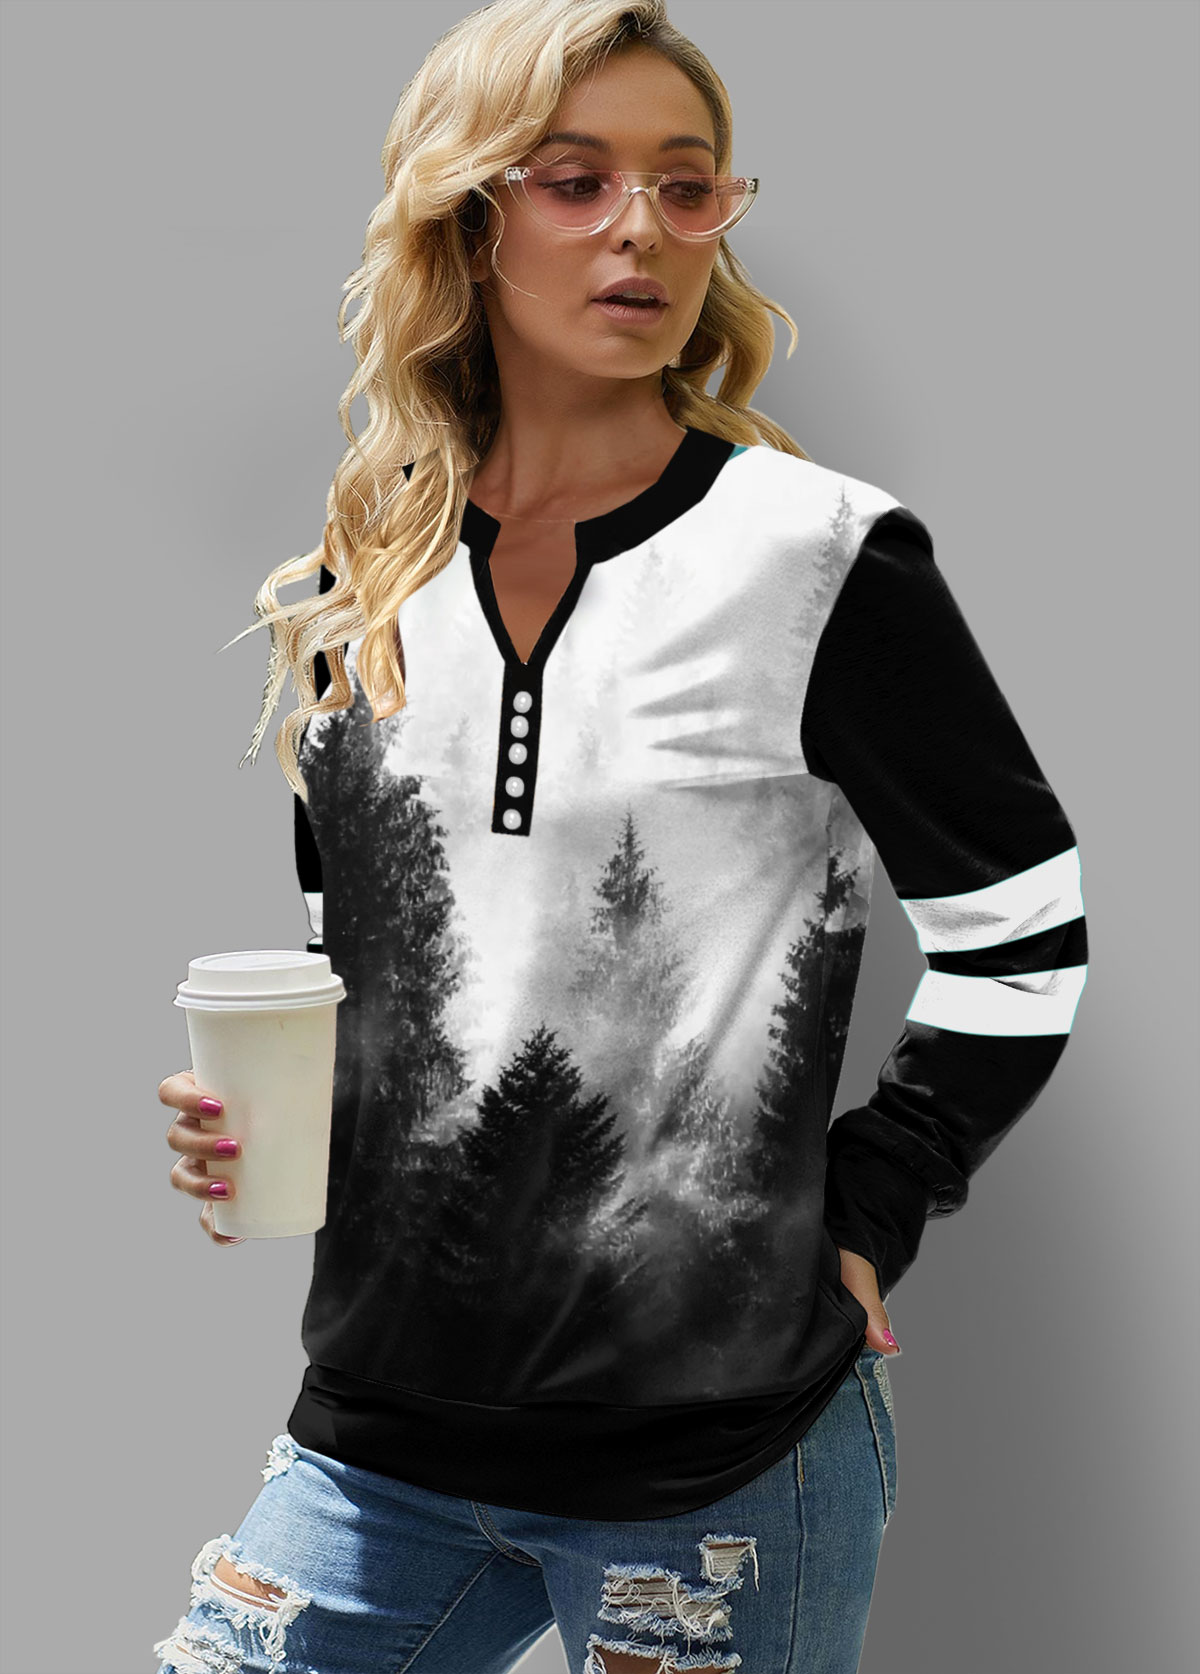 ROTITA Ink Painting Print Long Sleeve Sweatshirt